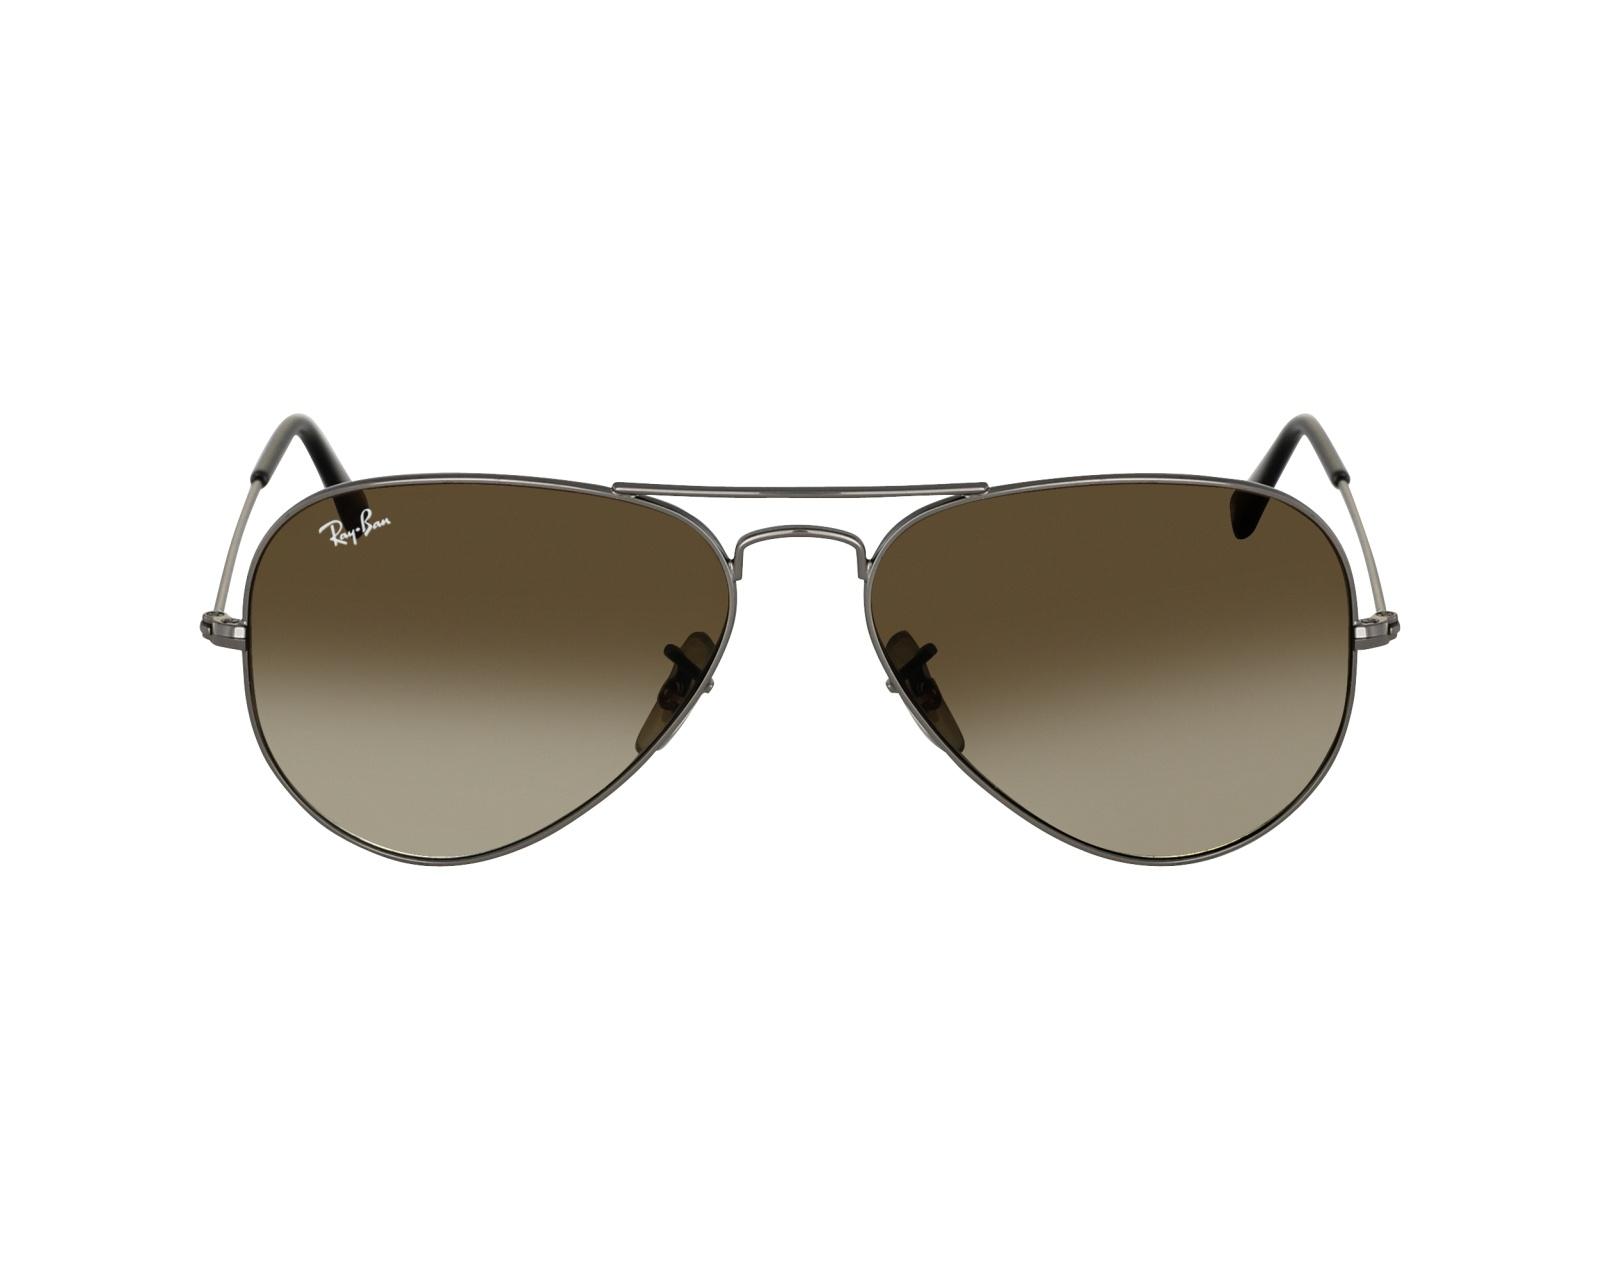 Авиаторы очки для зрения фото